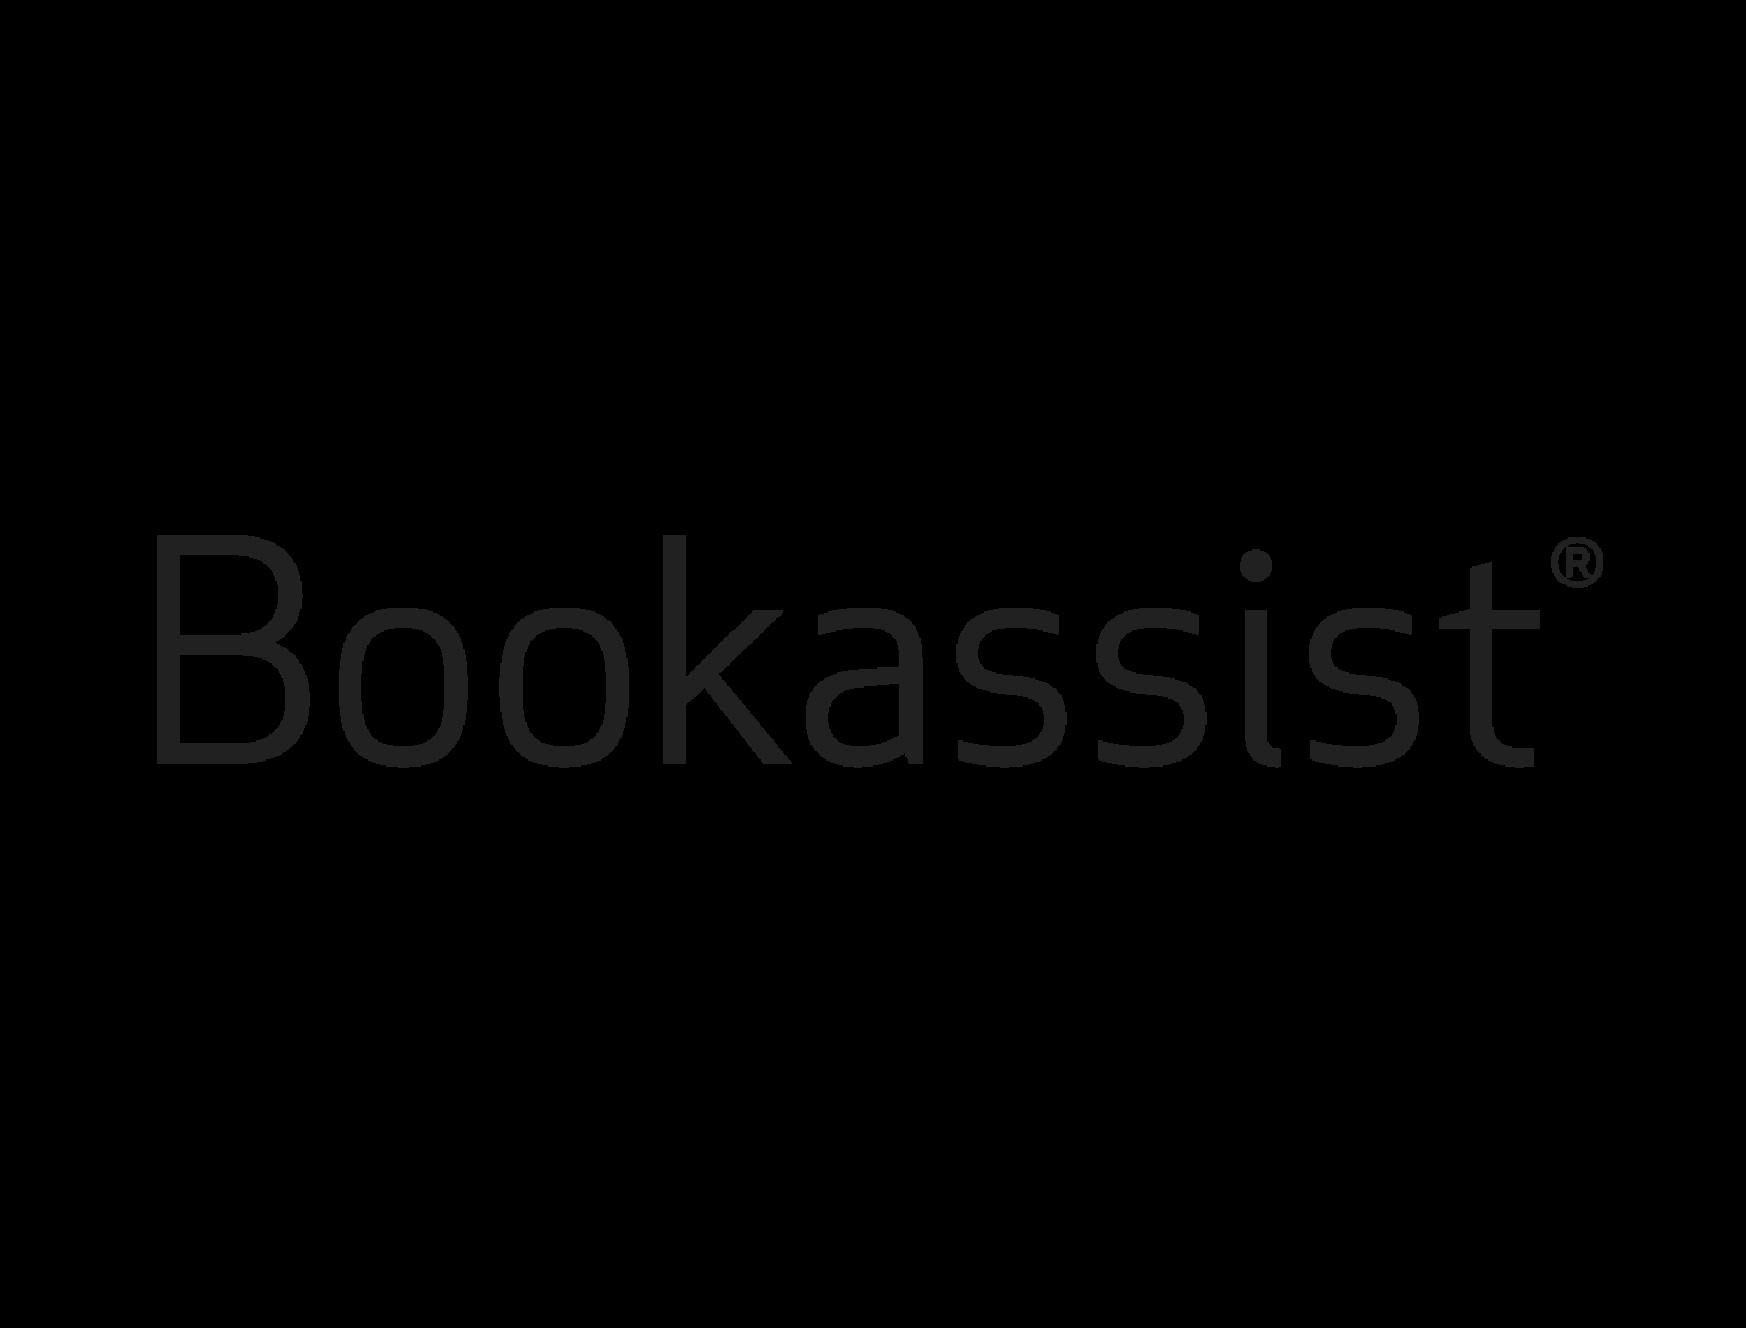 Bookassist